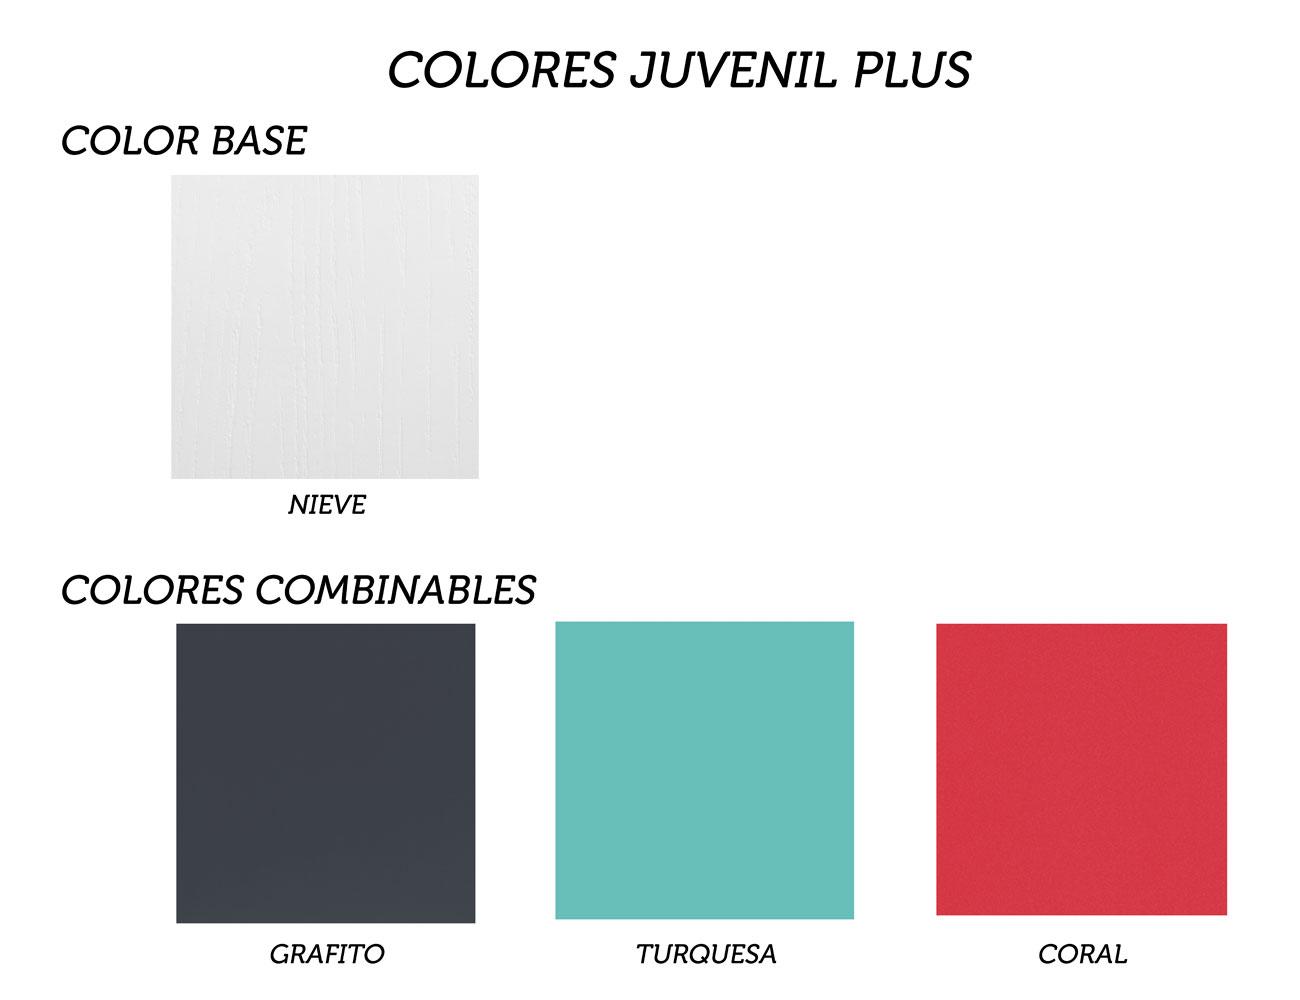 Colores dormitorios juveniles2